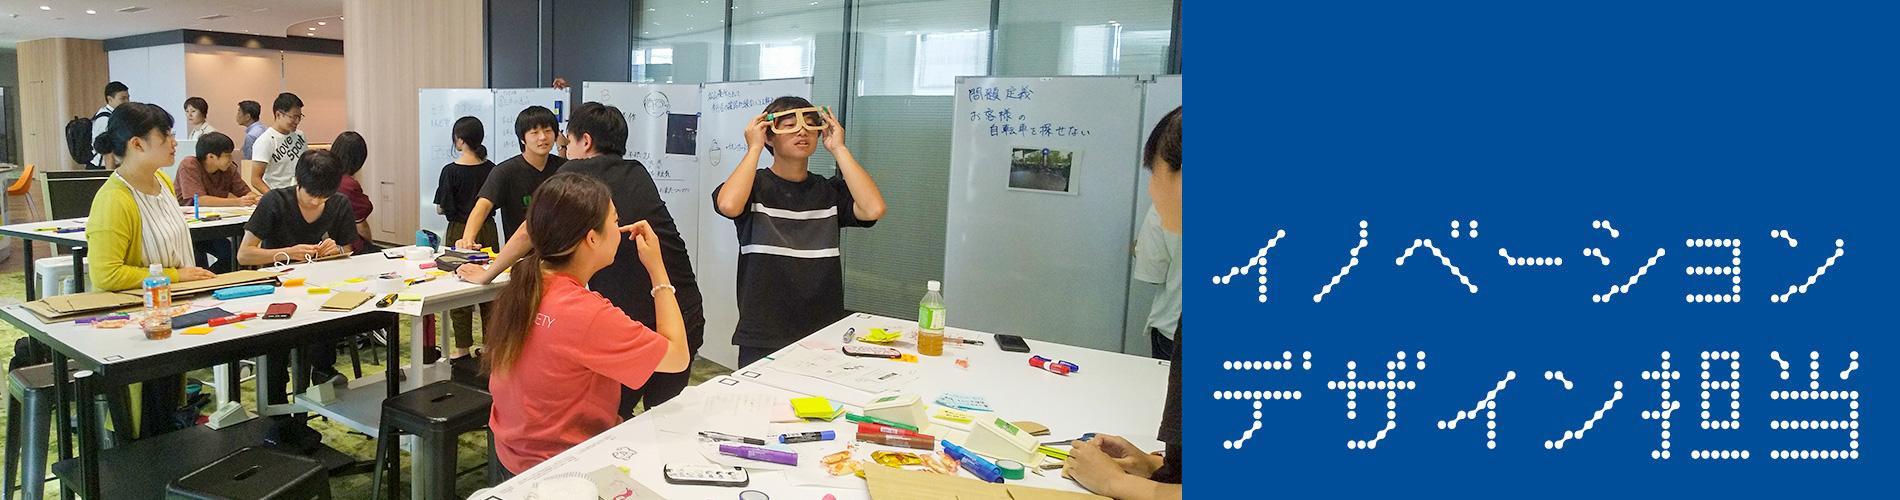 イノベーションデザイン部門